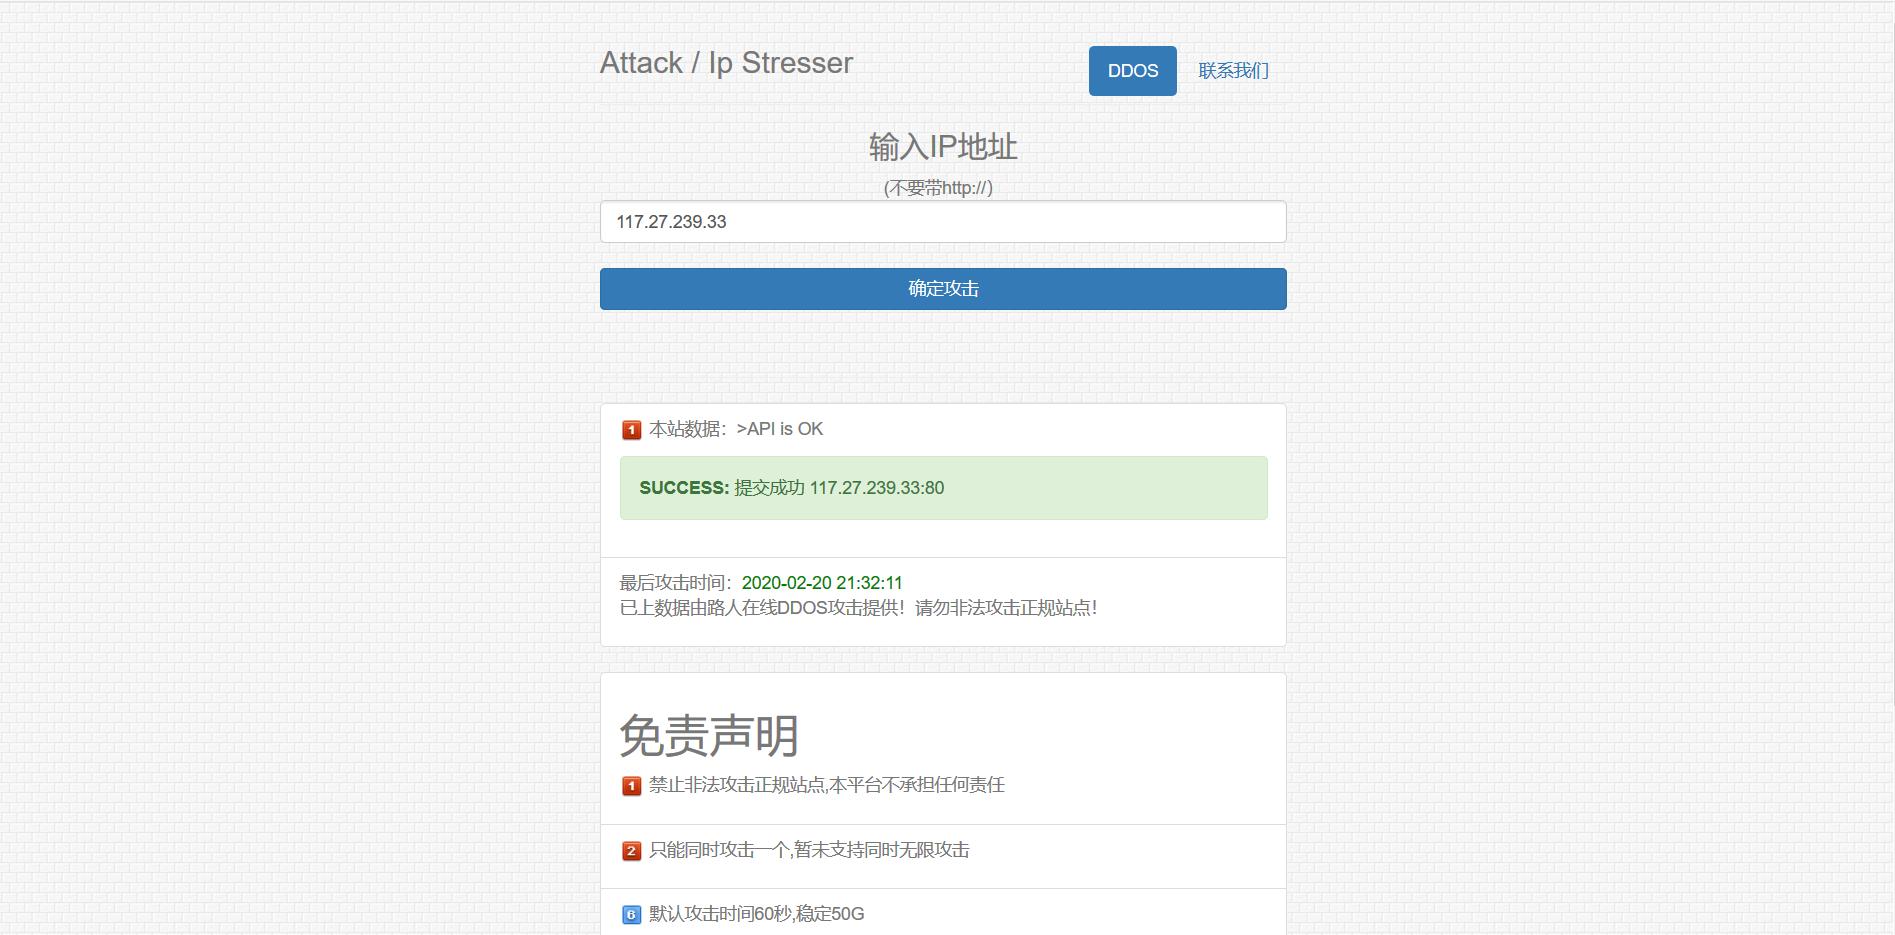 最新免费DDOS教程加上API接口50G输出